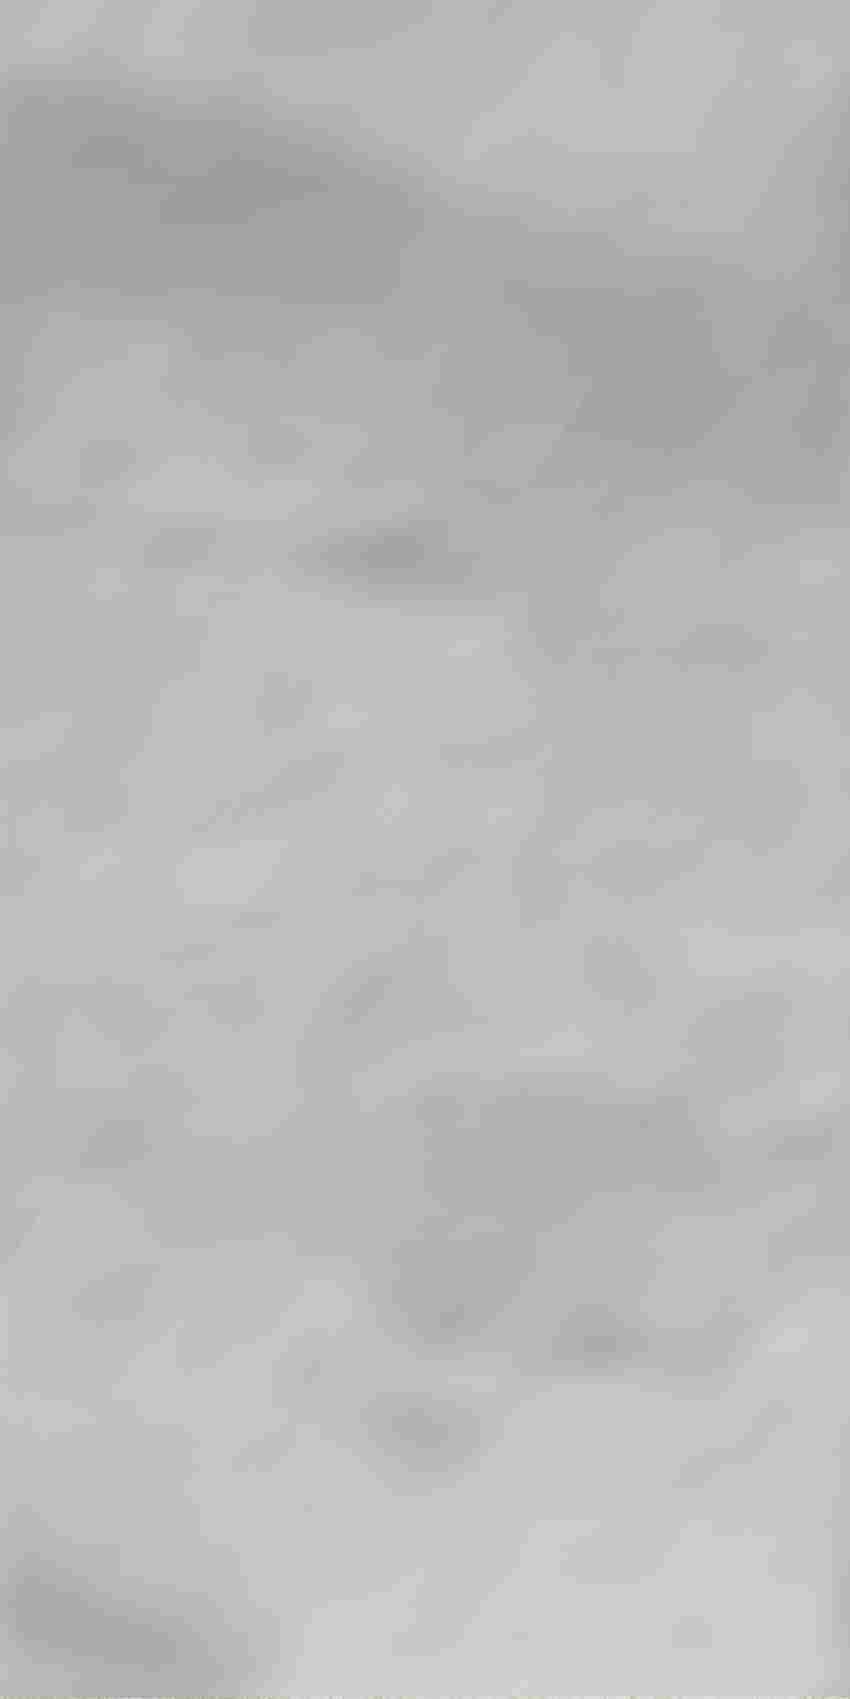 Płytka ścienno-podłogowa 30x60 cm Paradyż Teakstone Grys Gres Szkl. Mat